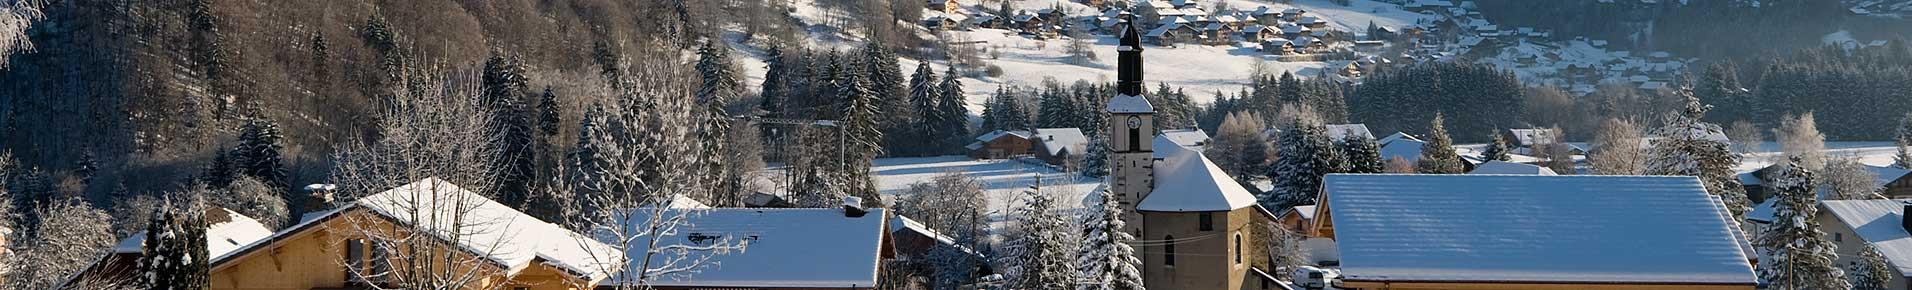 Villages de la Vallée d'Aulps en hiver